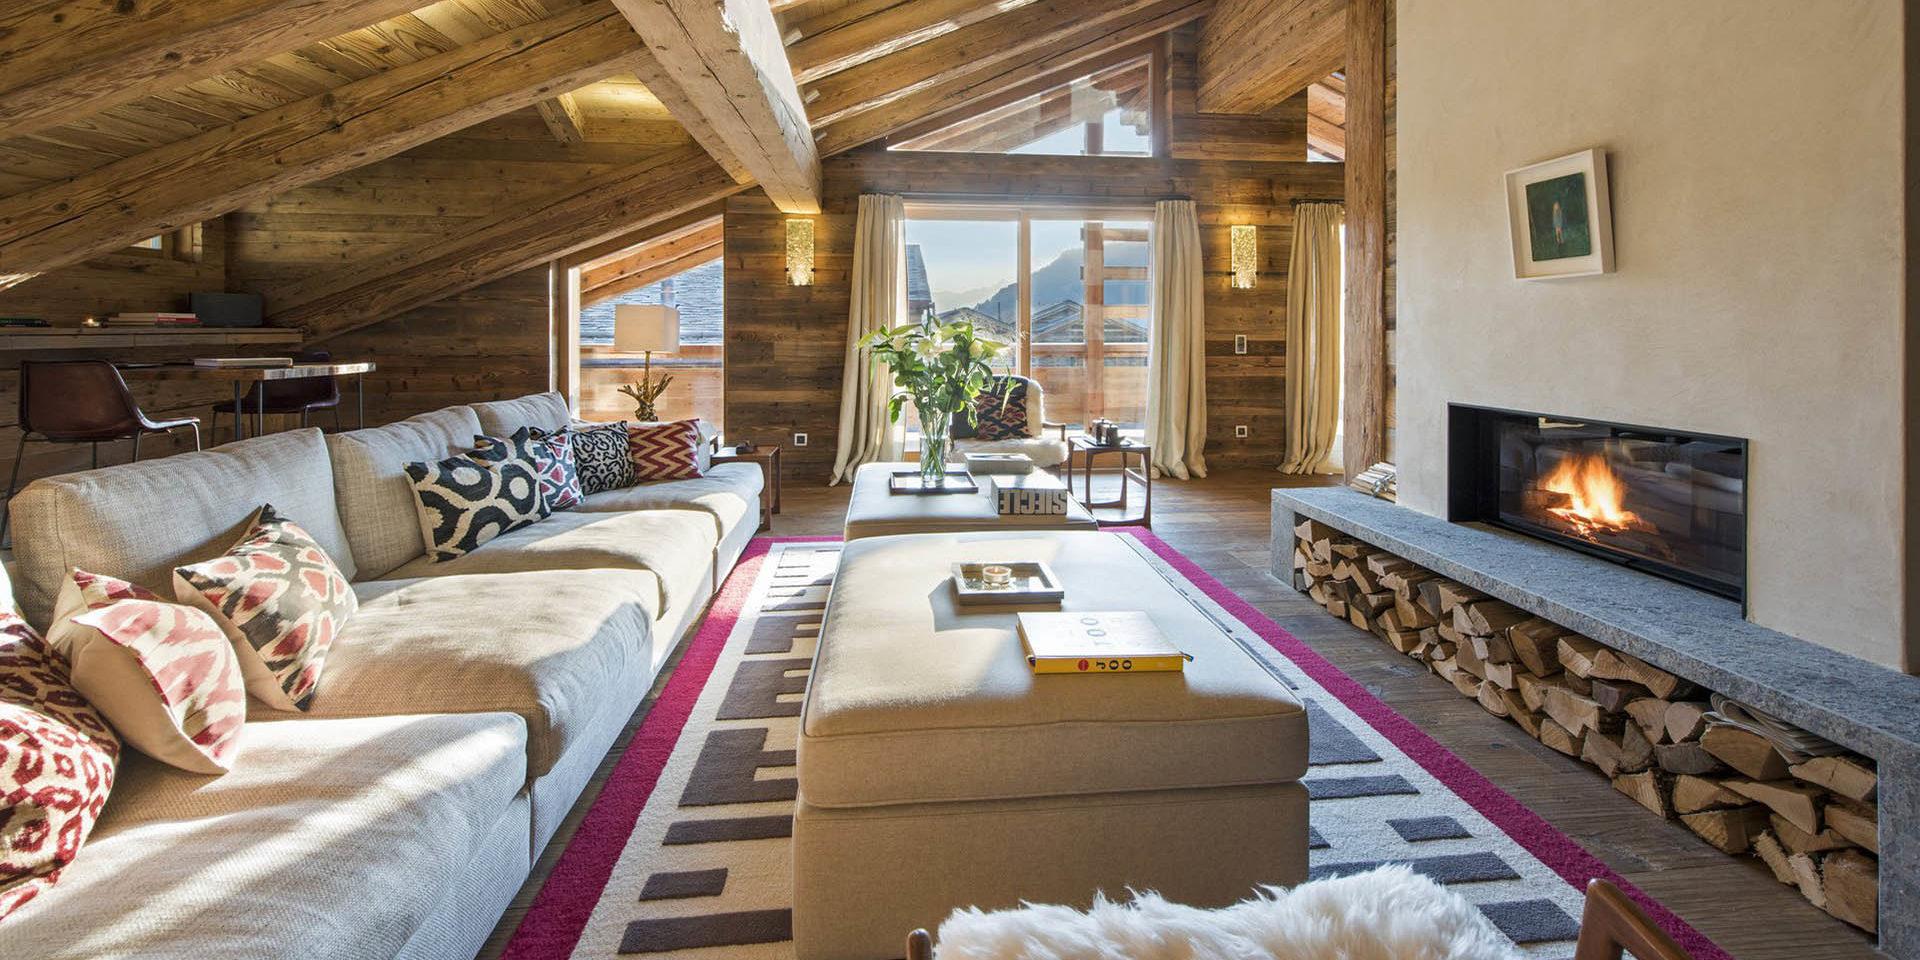 Appartement Place Blanche 2 Verbier Les 4 Vallees Zwitserland wintersport skivakantie luxe living bank hockers open haard vloerkleed raam houten balken